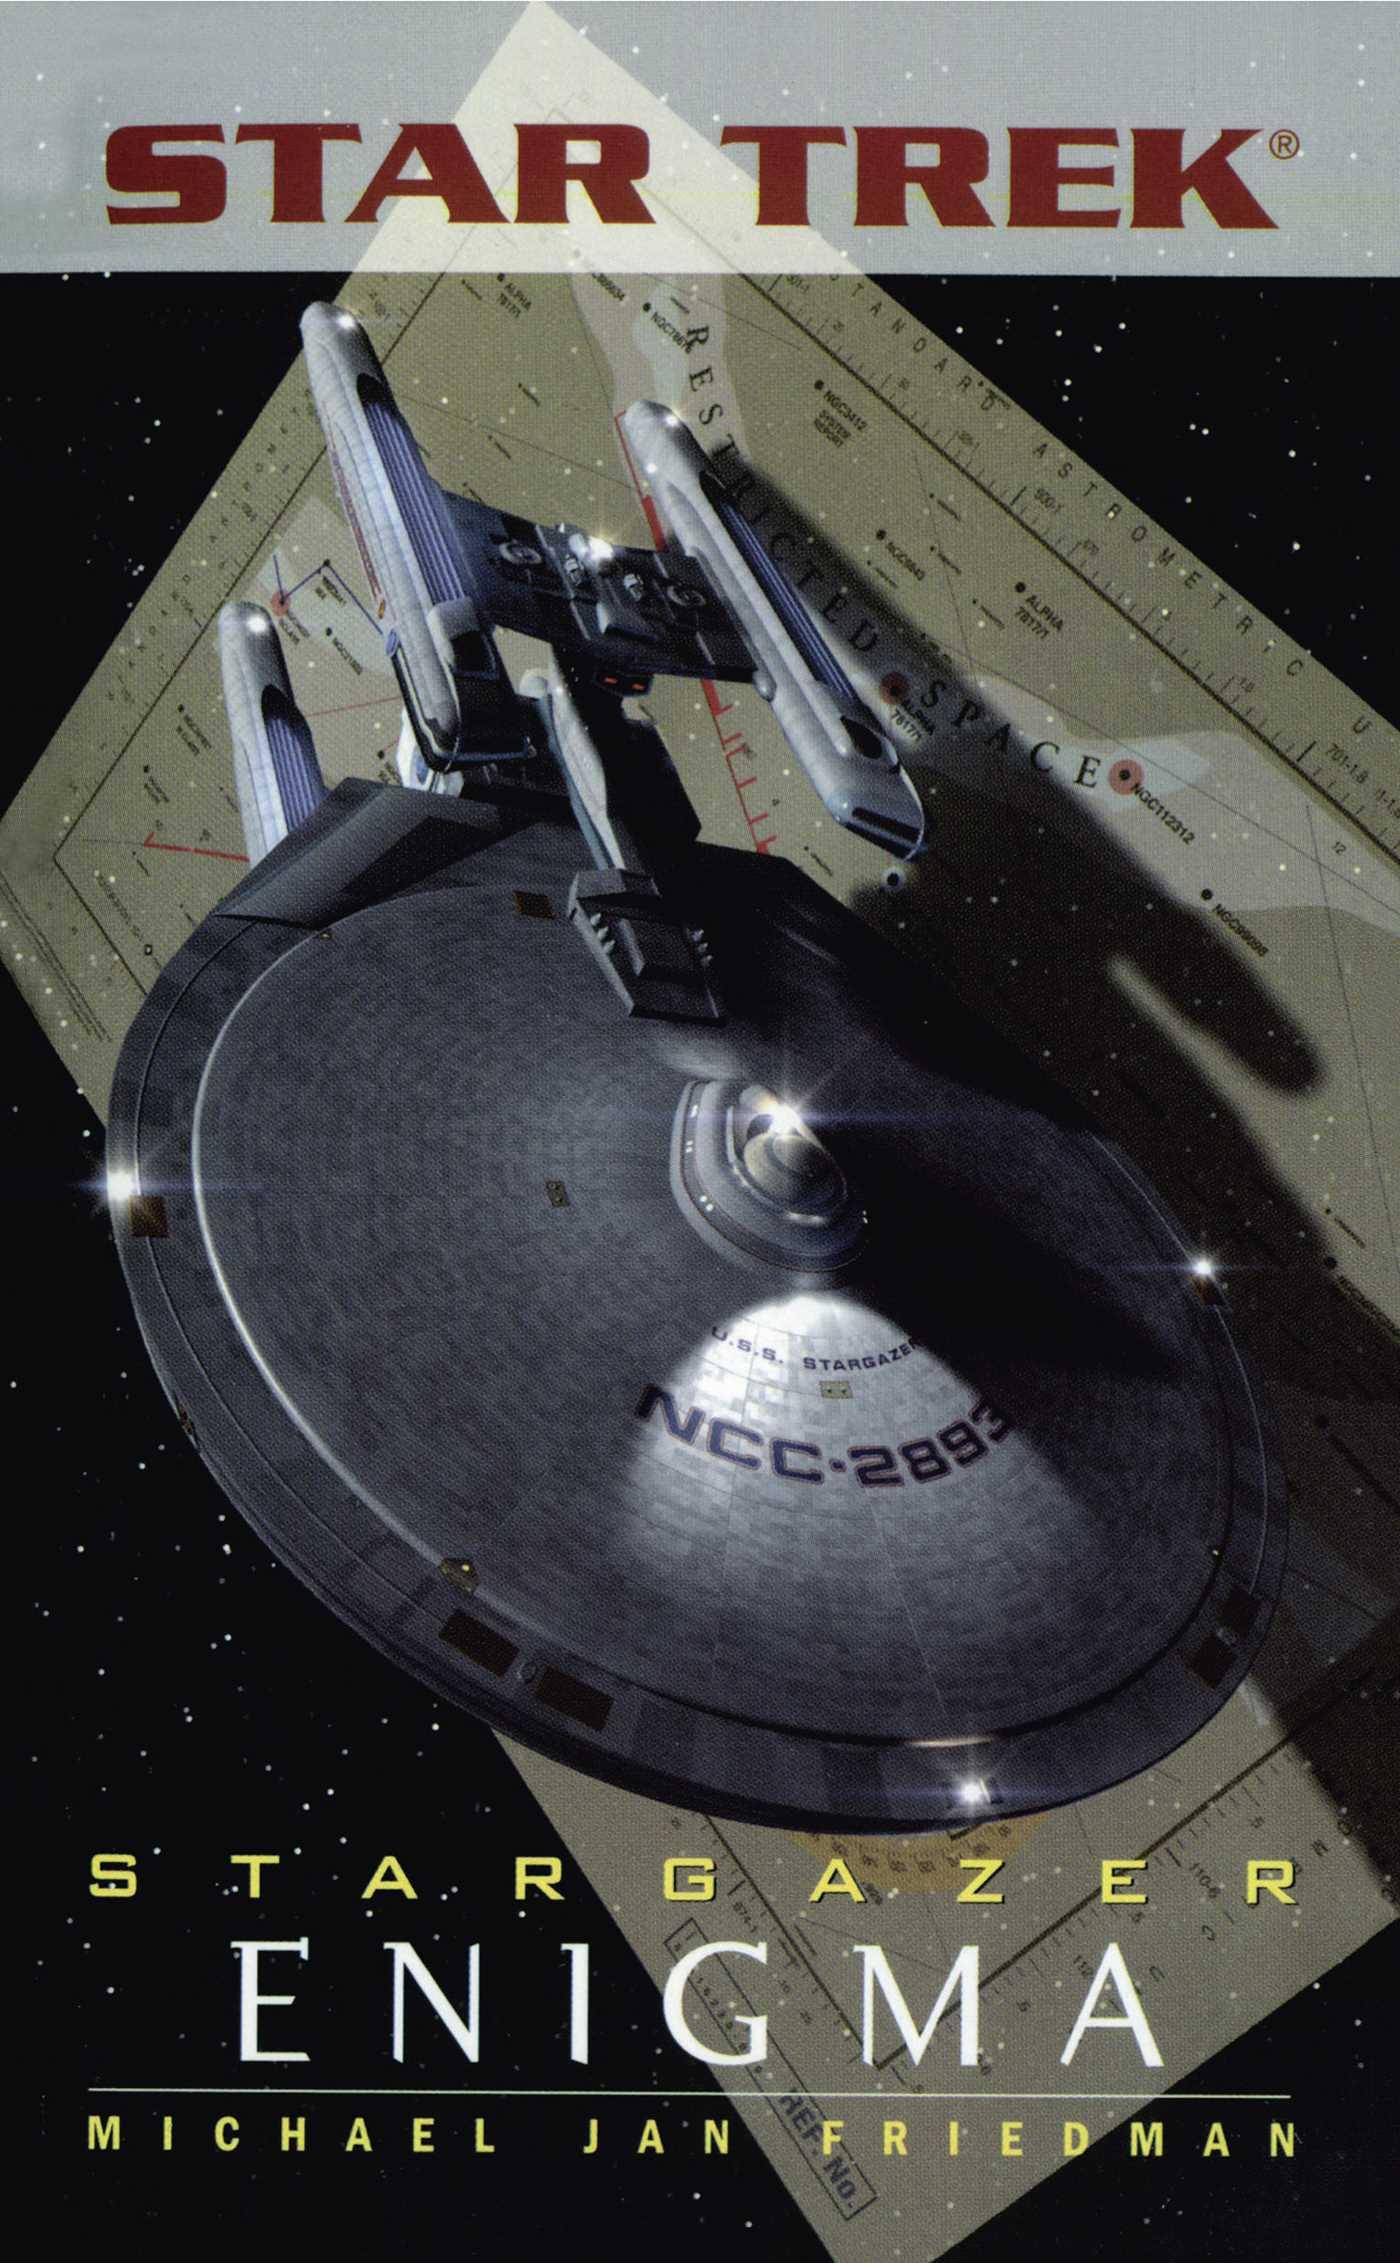 Star trek the next generation stargazer enigma 9780743448574 hr